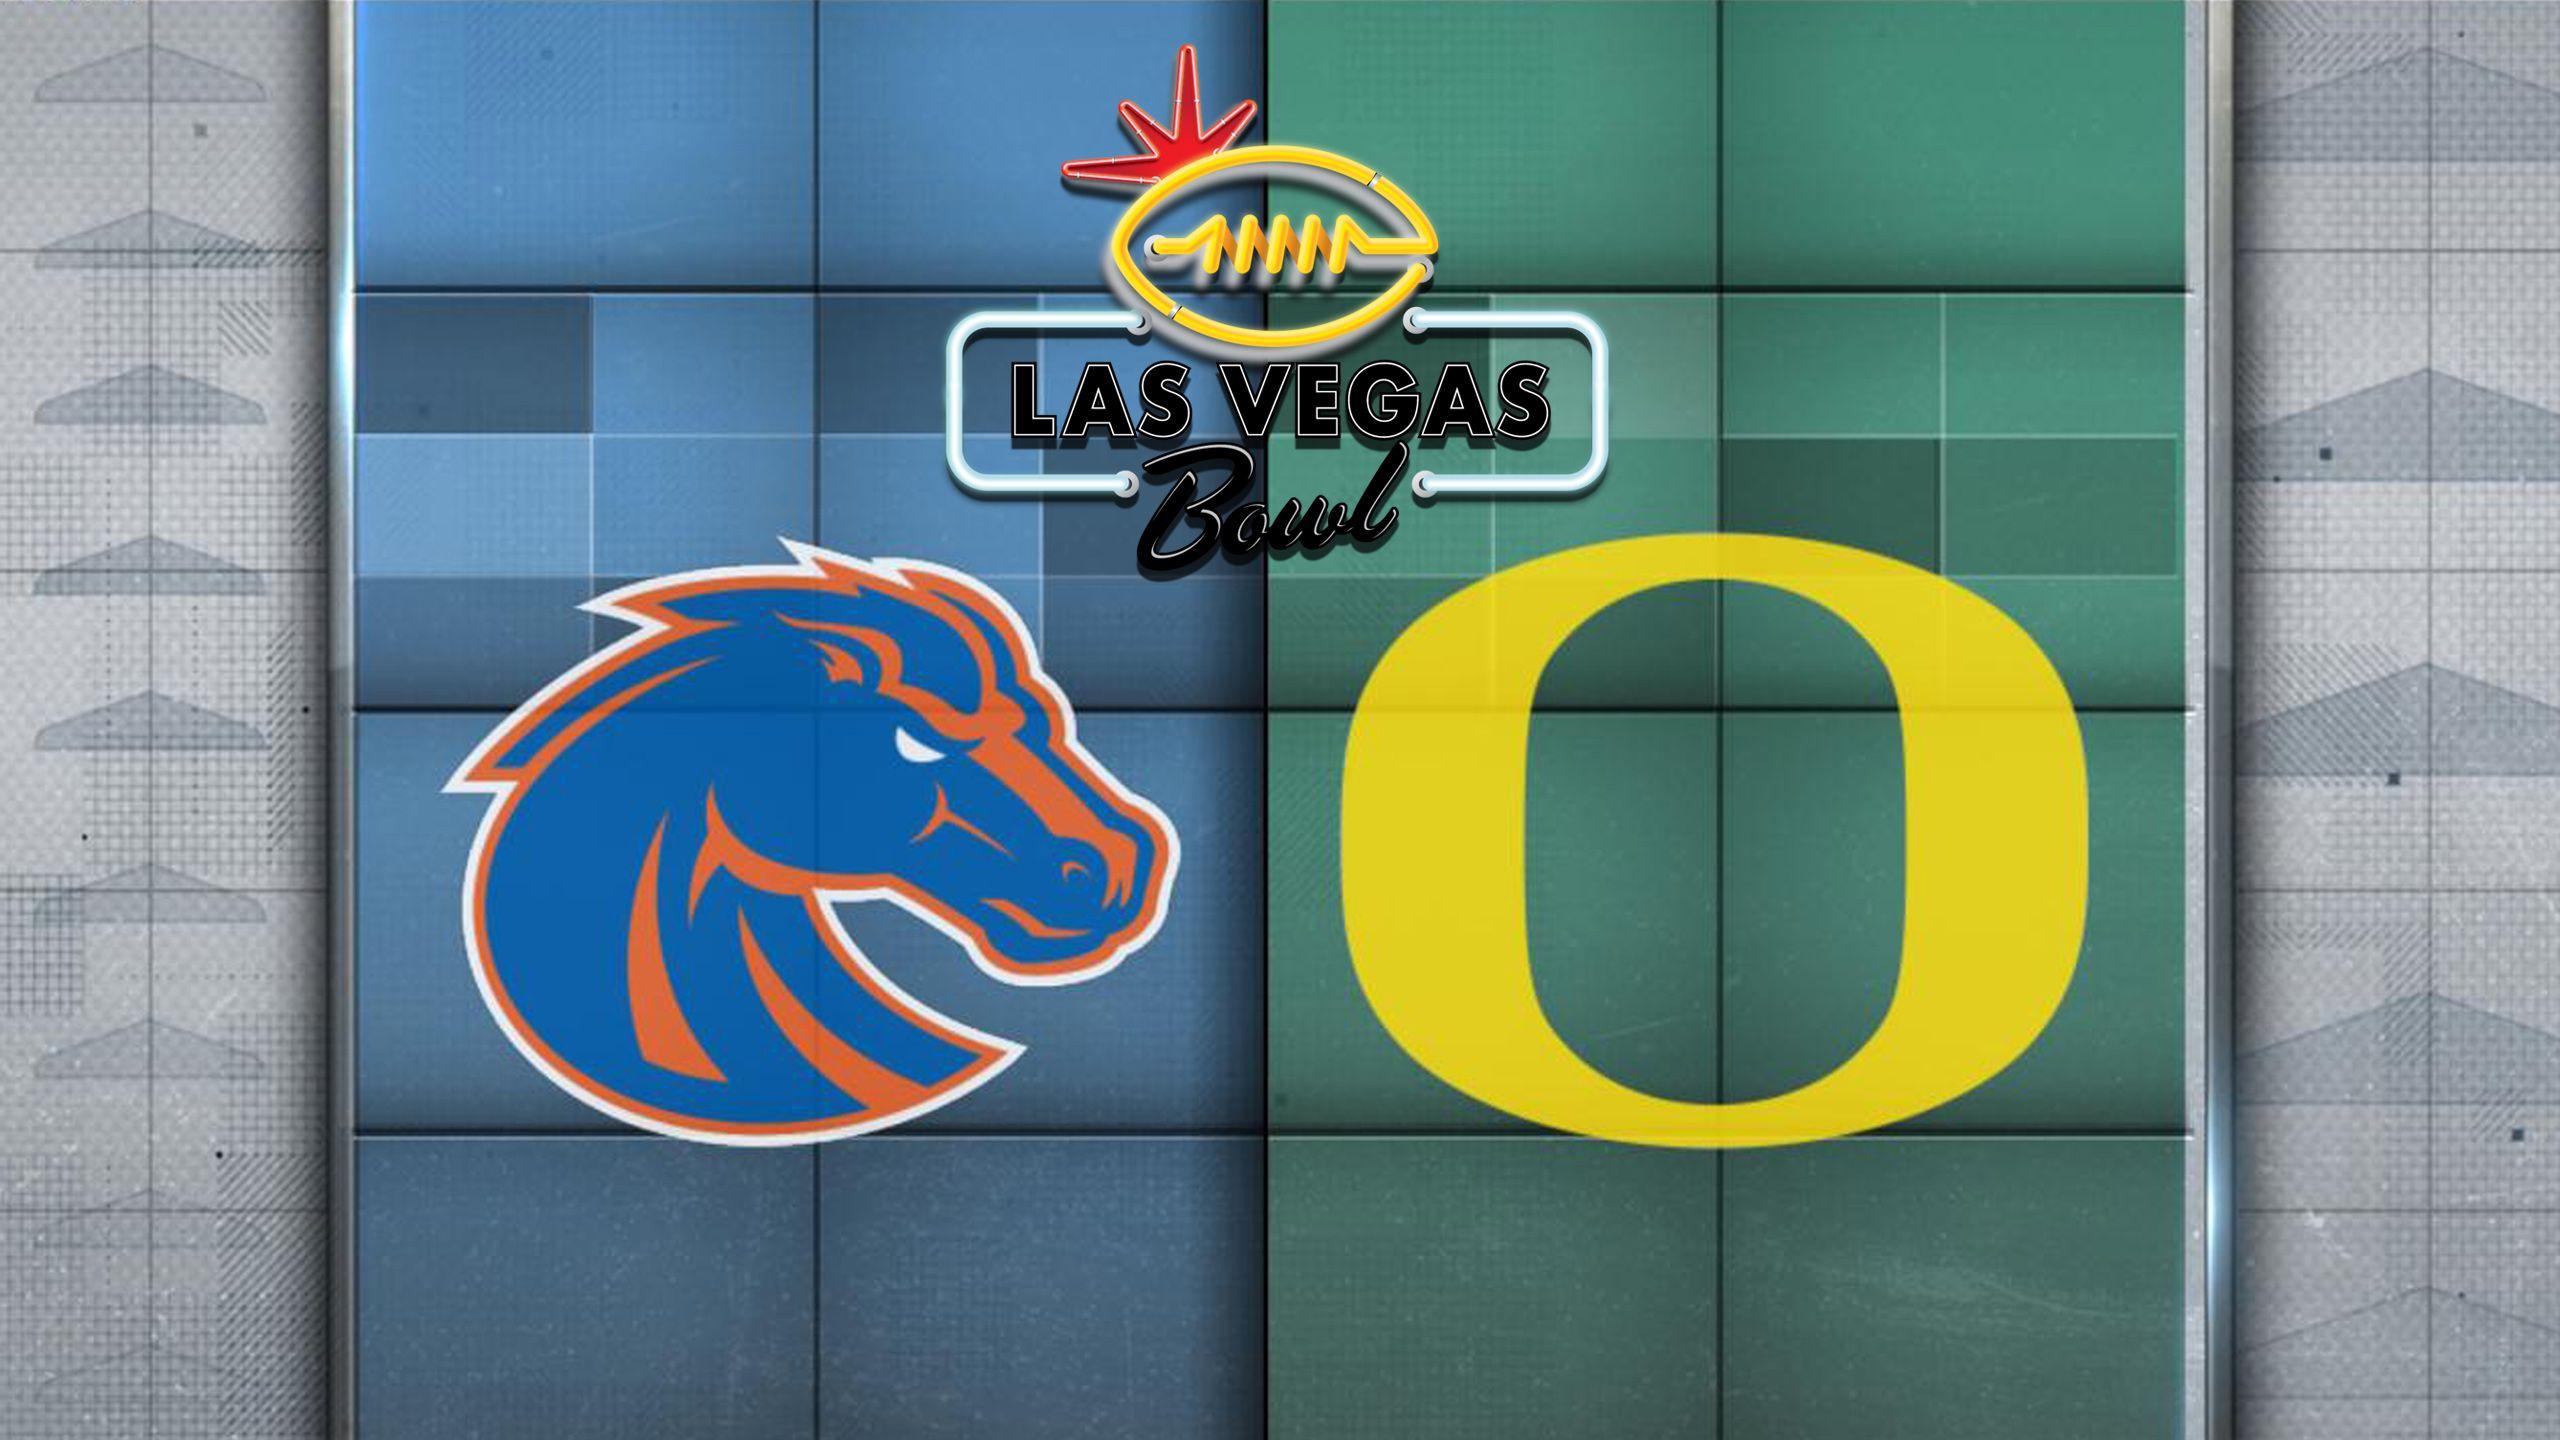 #25 Boise State vs. Oregon (Las Vegas Bowl)